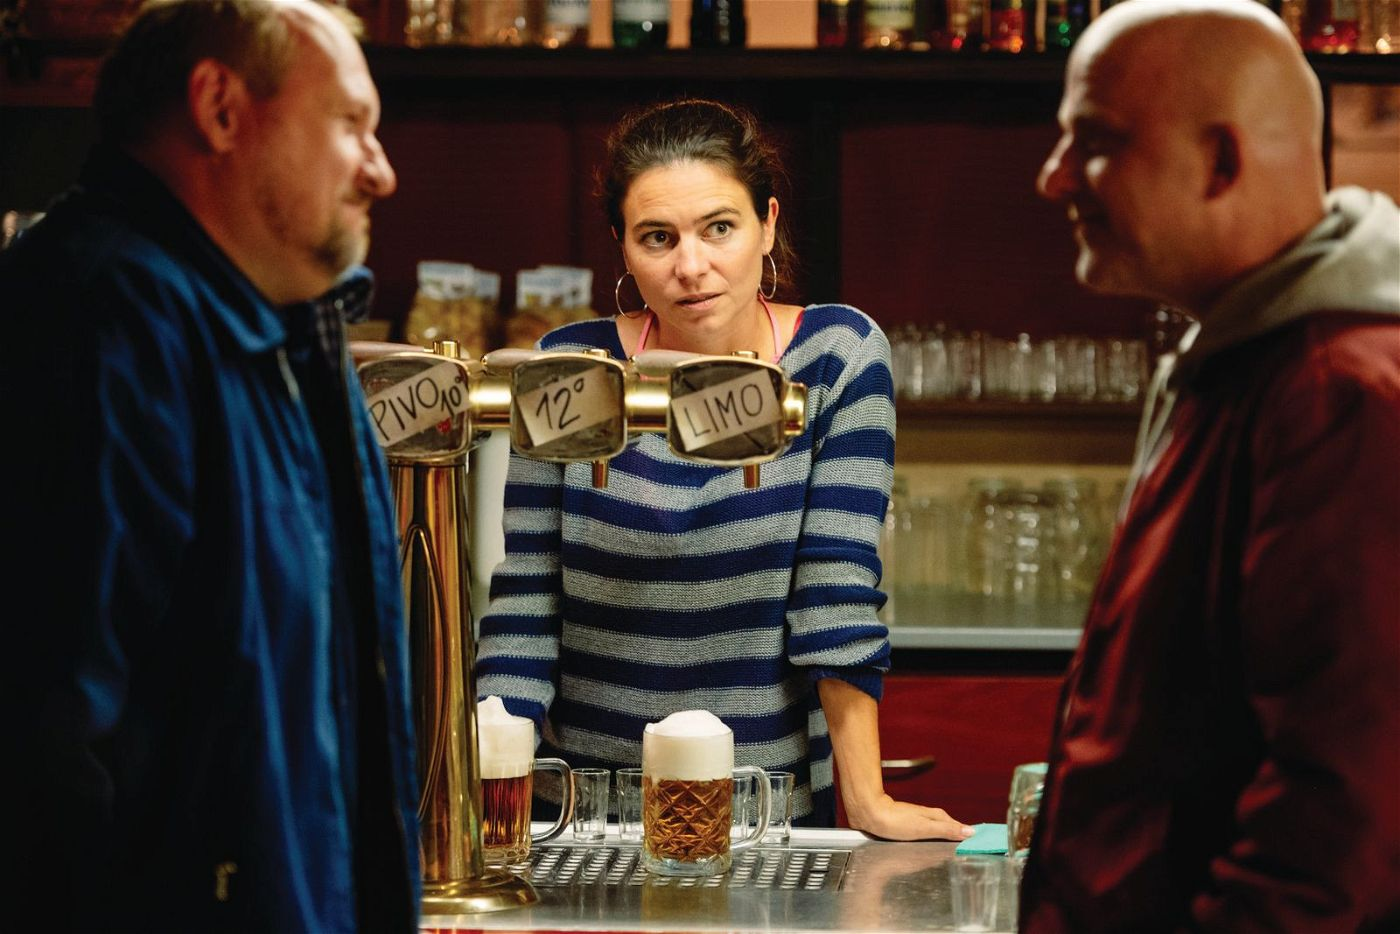 Mit Vandam (Hynek Cermak, rechts) sollte man sich besser nicht anlegen - und erst recht nicht seine heimliche Liebe Lucka (Katerina Janeckova) bedrängen.